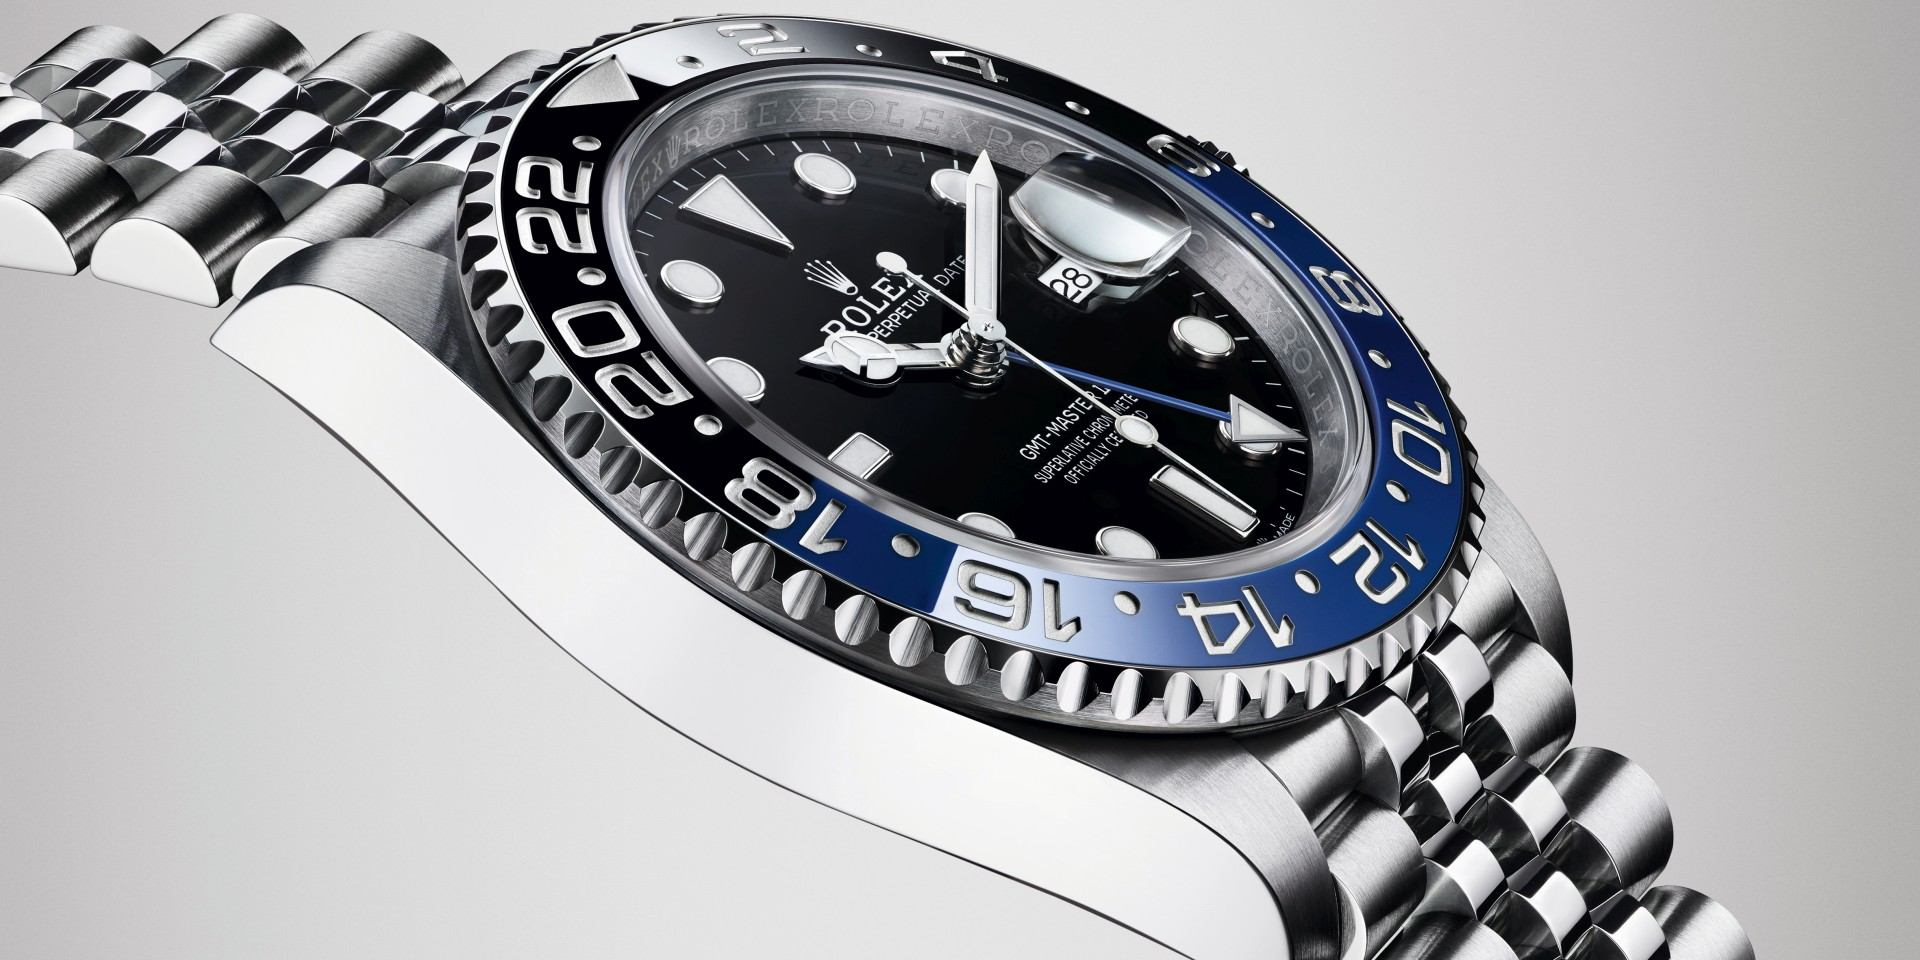 【2019 BASEL錶展報導】五分鐘秒懂勞力士2019年巴塞爾鐘錶展新作 (附建議售價資料)